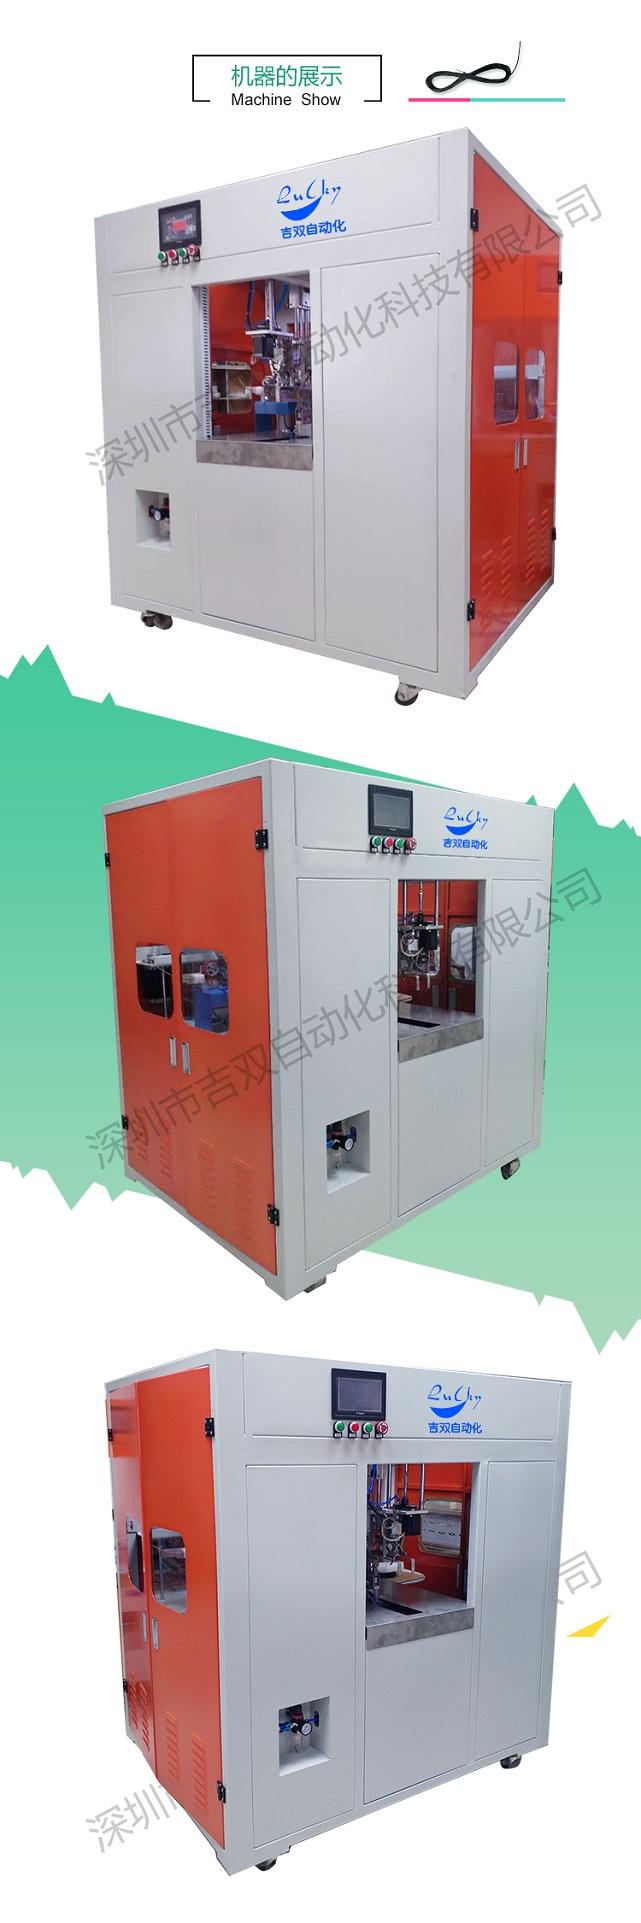 深圳吉双裁线剥线绕线扎线机DL-CRT8高品质配置组成性能稳定